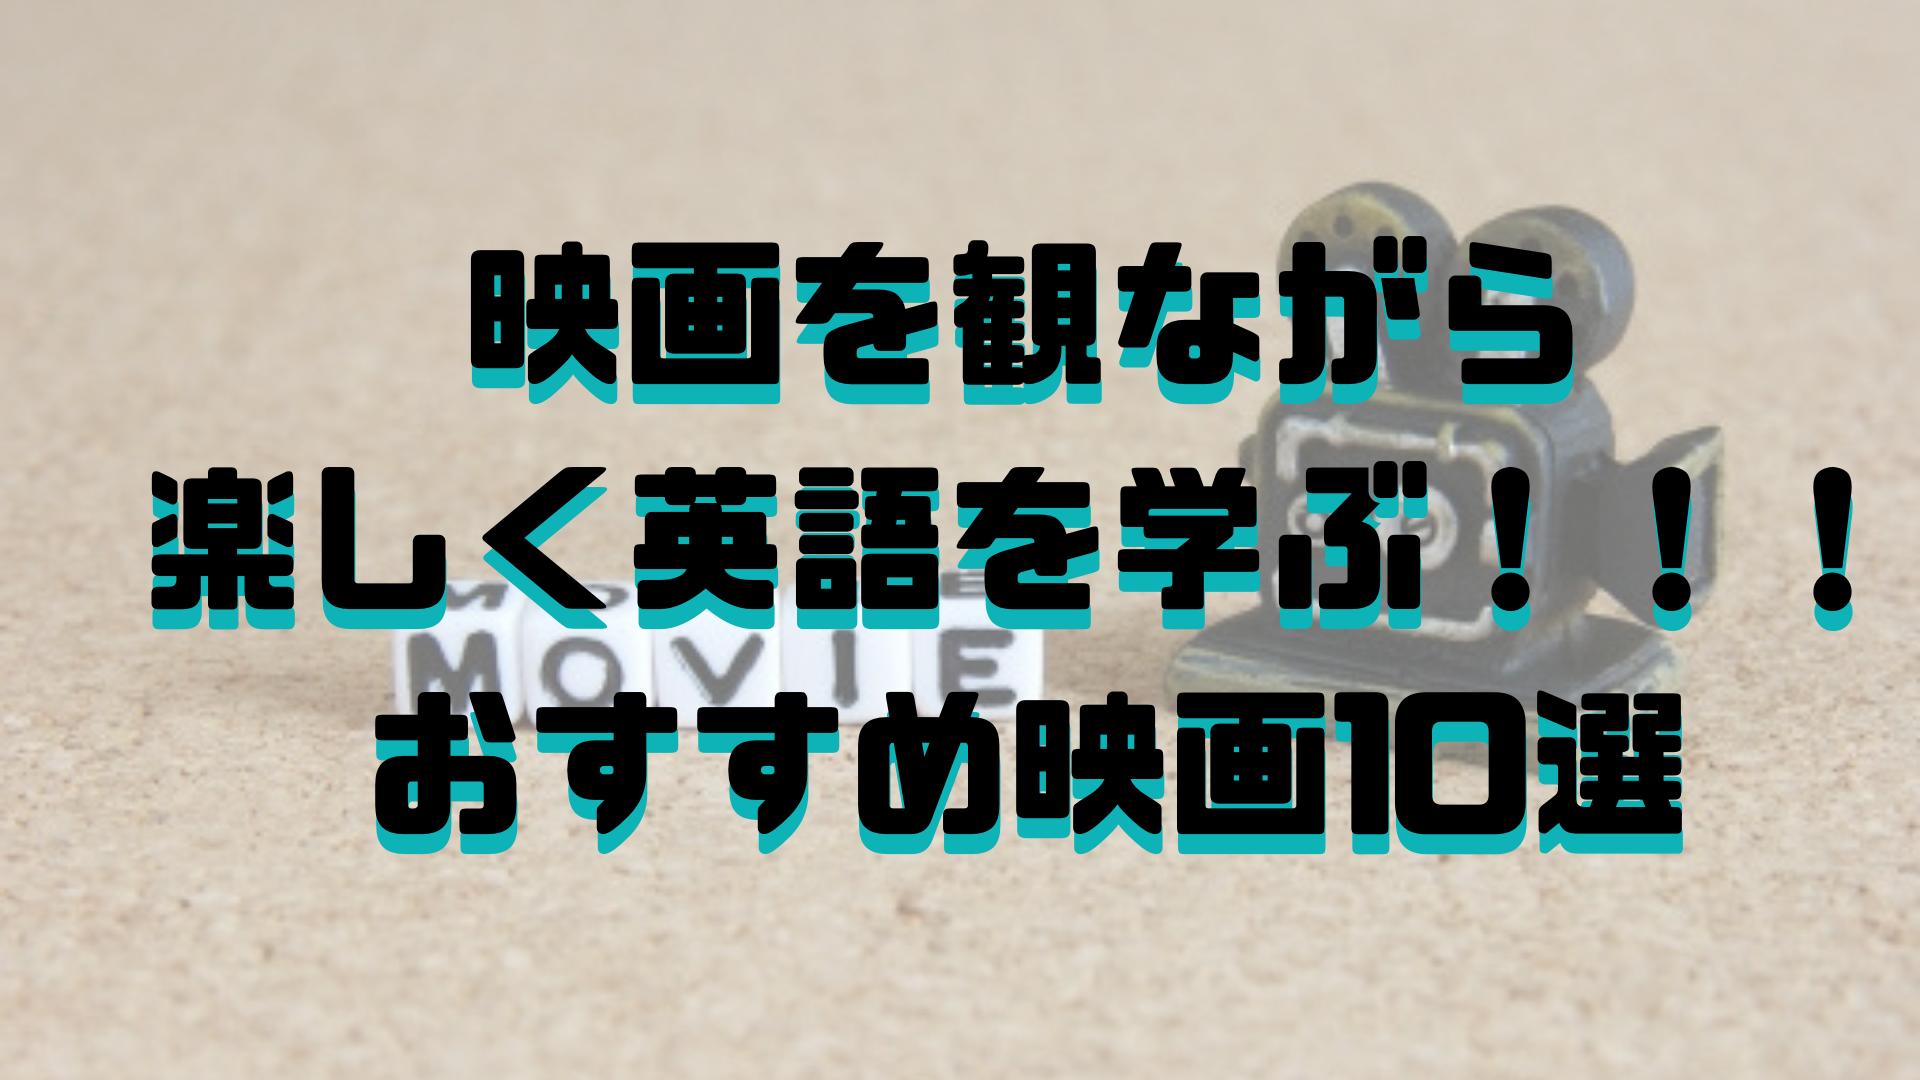 【英会話の学習方法】映画を観ながら楽しく英語を学ぶためのおすすめ映画10選。学習方法も紹介。